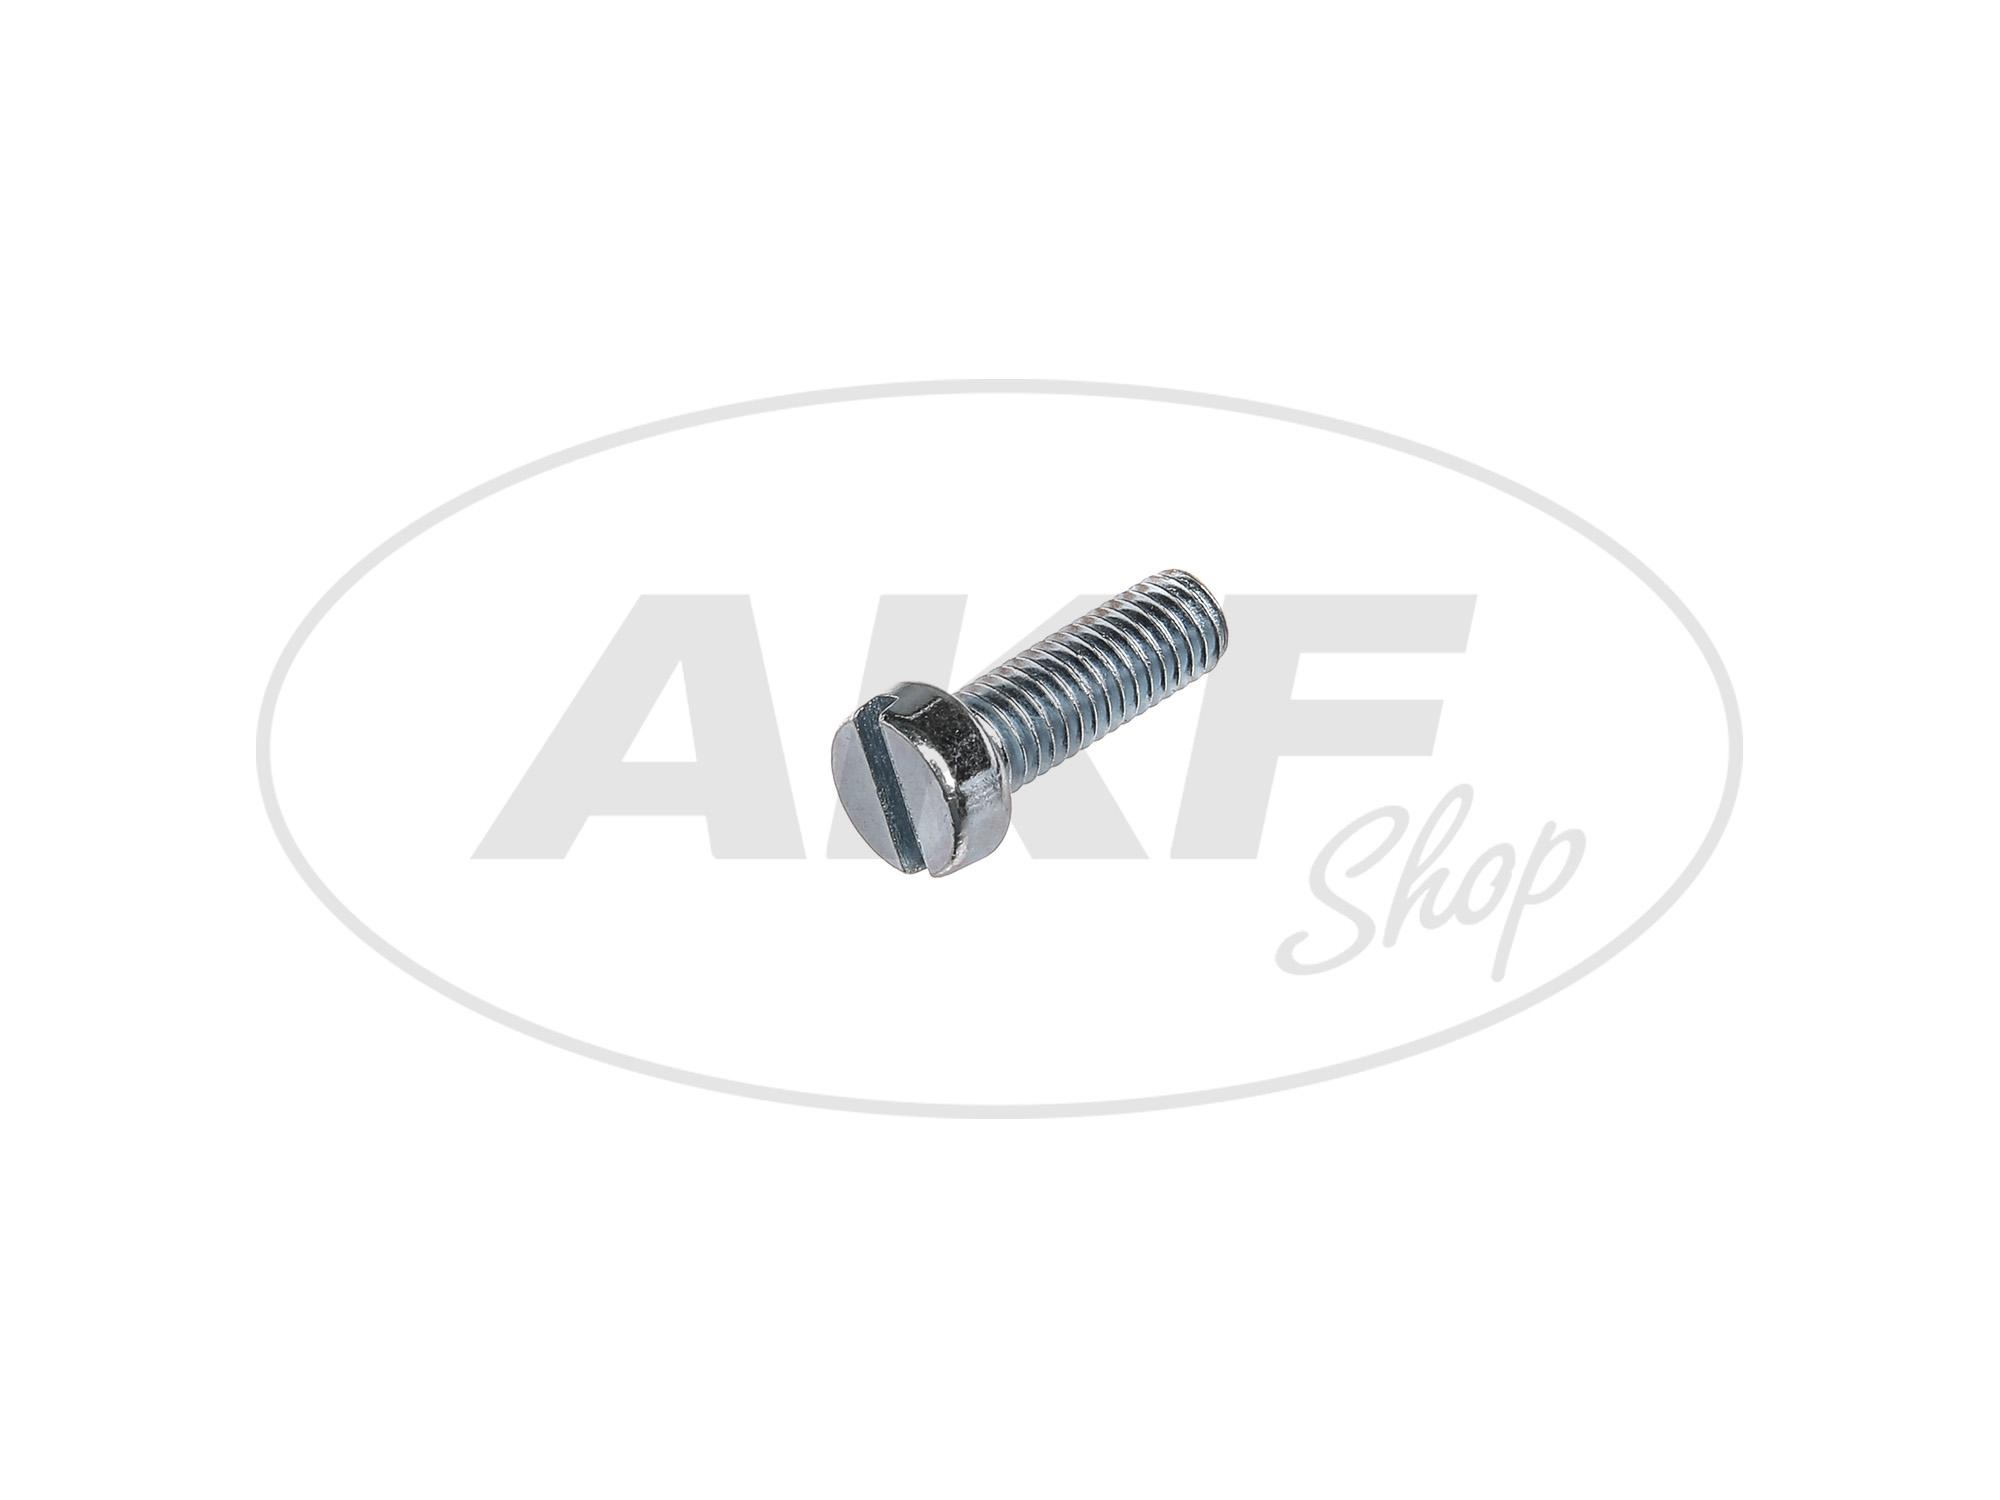 Zoom Ansicht Zylinderschraube, Schlitz M6x18 - DIN84